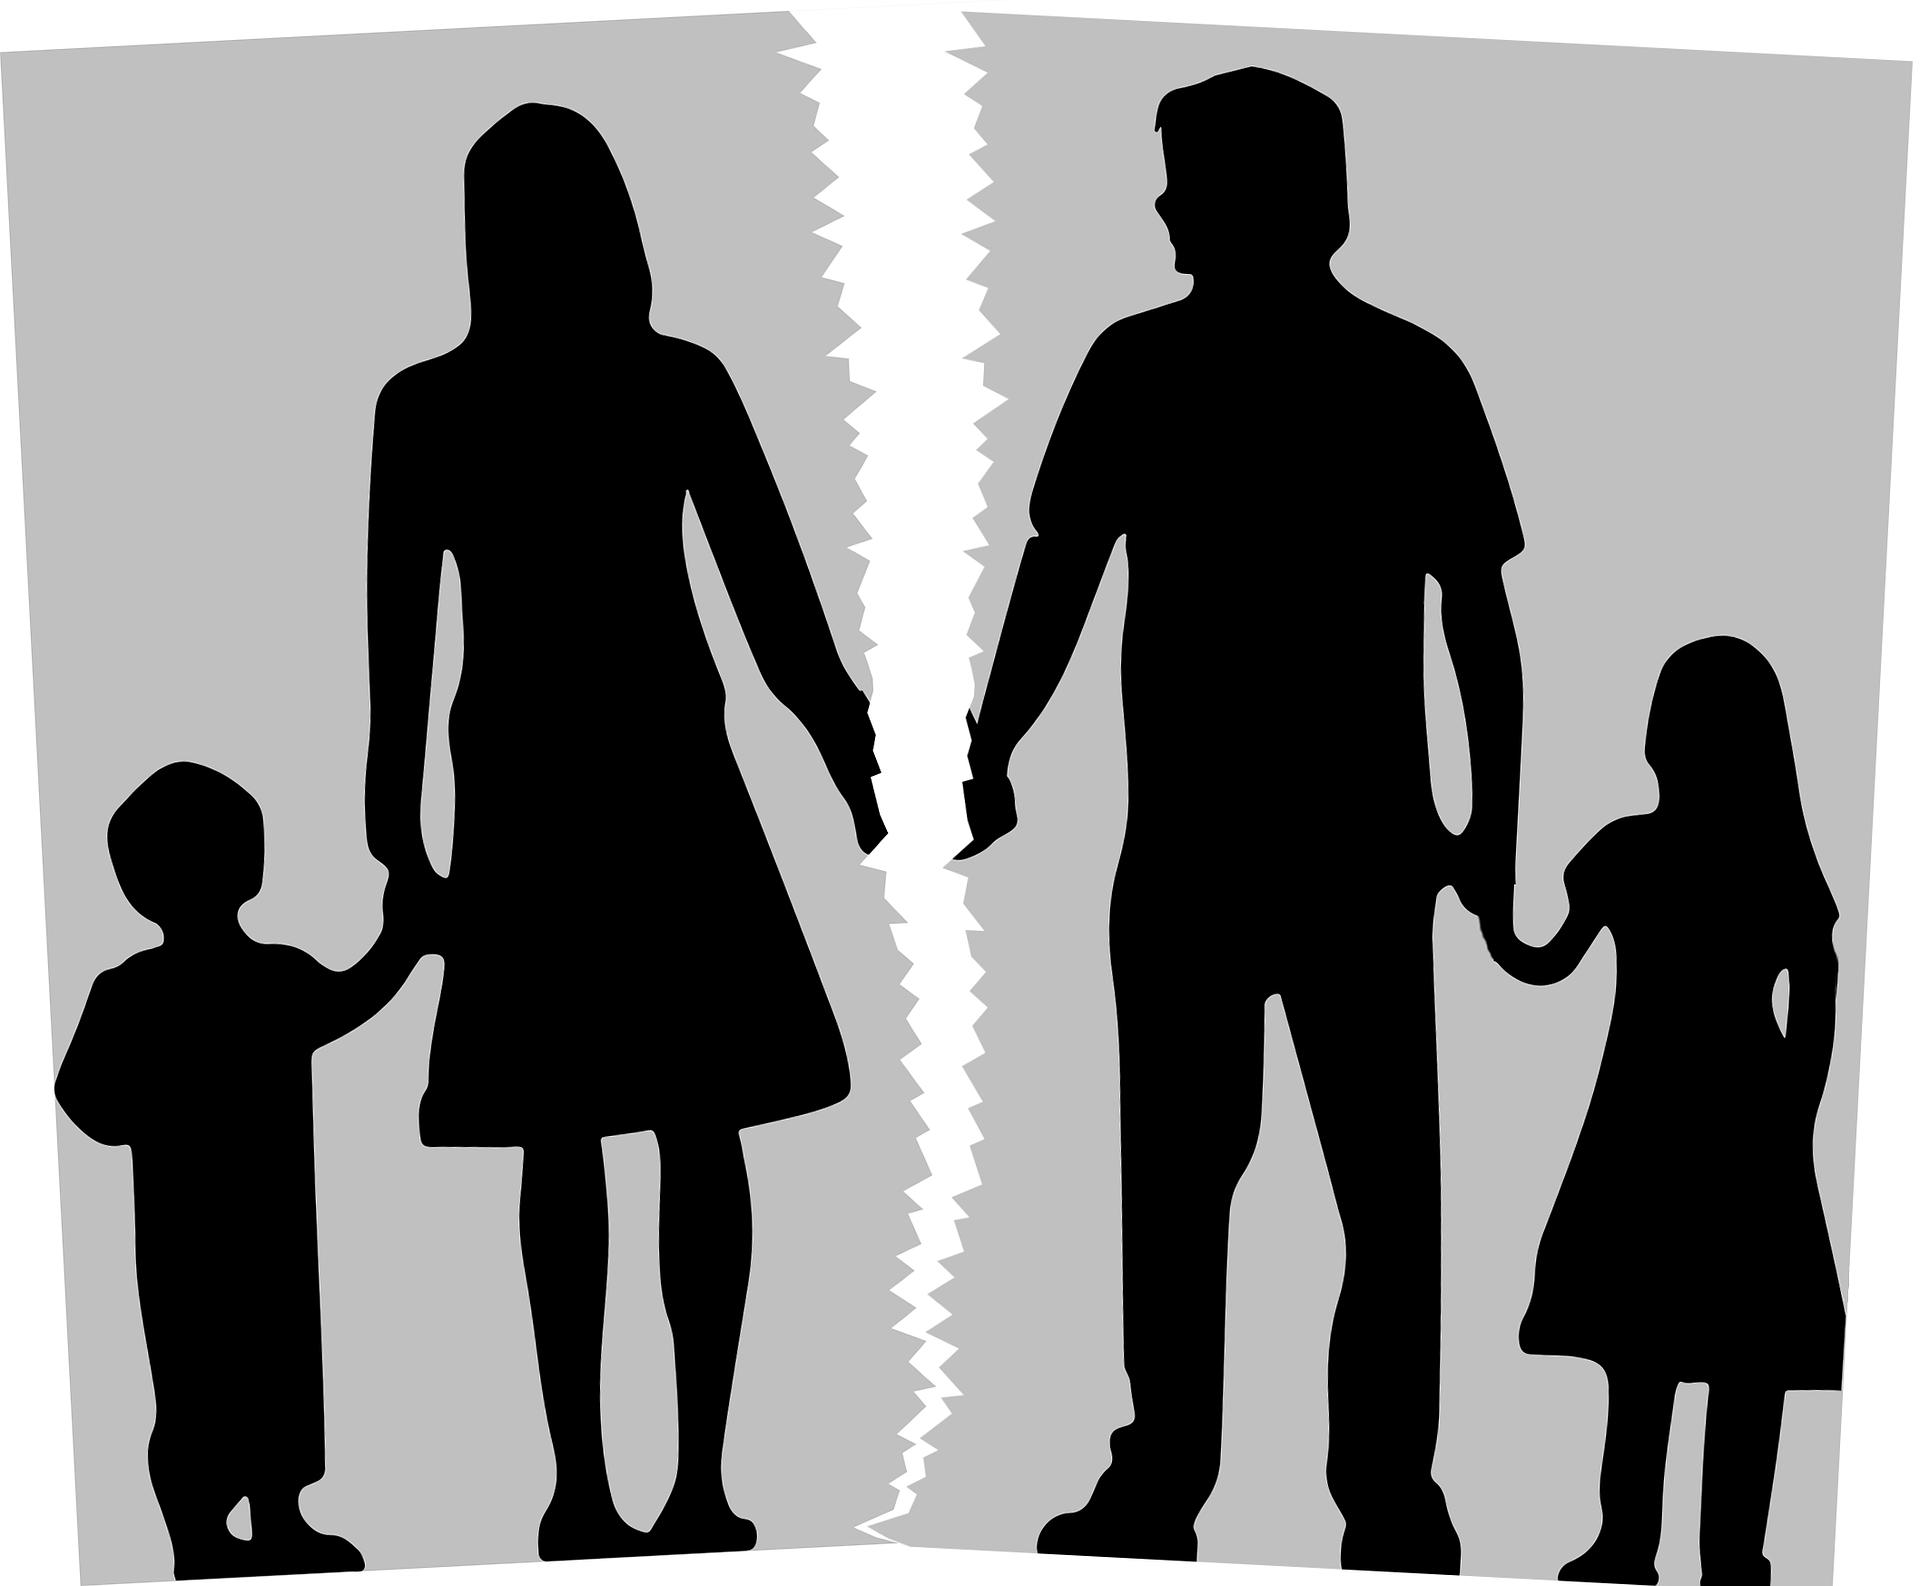 מהו גישור גירושין?